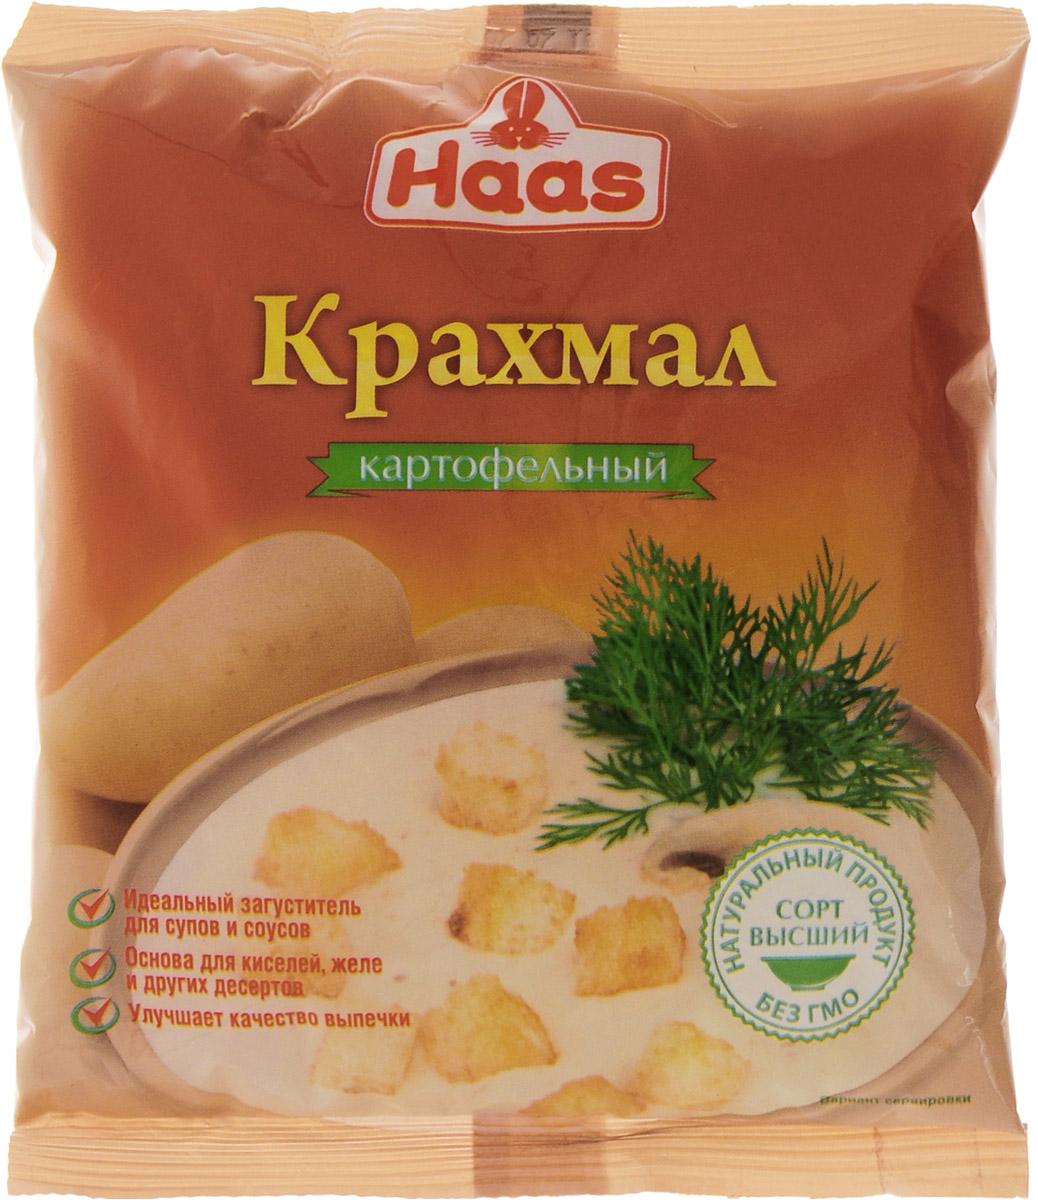 Haas крахмал картофельный, 200 г240041Картофельный крахмал Haas идеально подходит для приготовления киселей, прозрачных супов, соусов и подливок. Также добавляют в хлеб, сдобную выпечку и различные сорта печенья, чтобы придать конечному продукту нужную текстуру, влажность, консистенцию и внешний вид. Кроме того, картофельный крахмал с успехом используется для выпечки фруктовых и творожных тортов благодаря своей способности абсорбировать излишнюю жидкость.